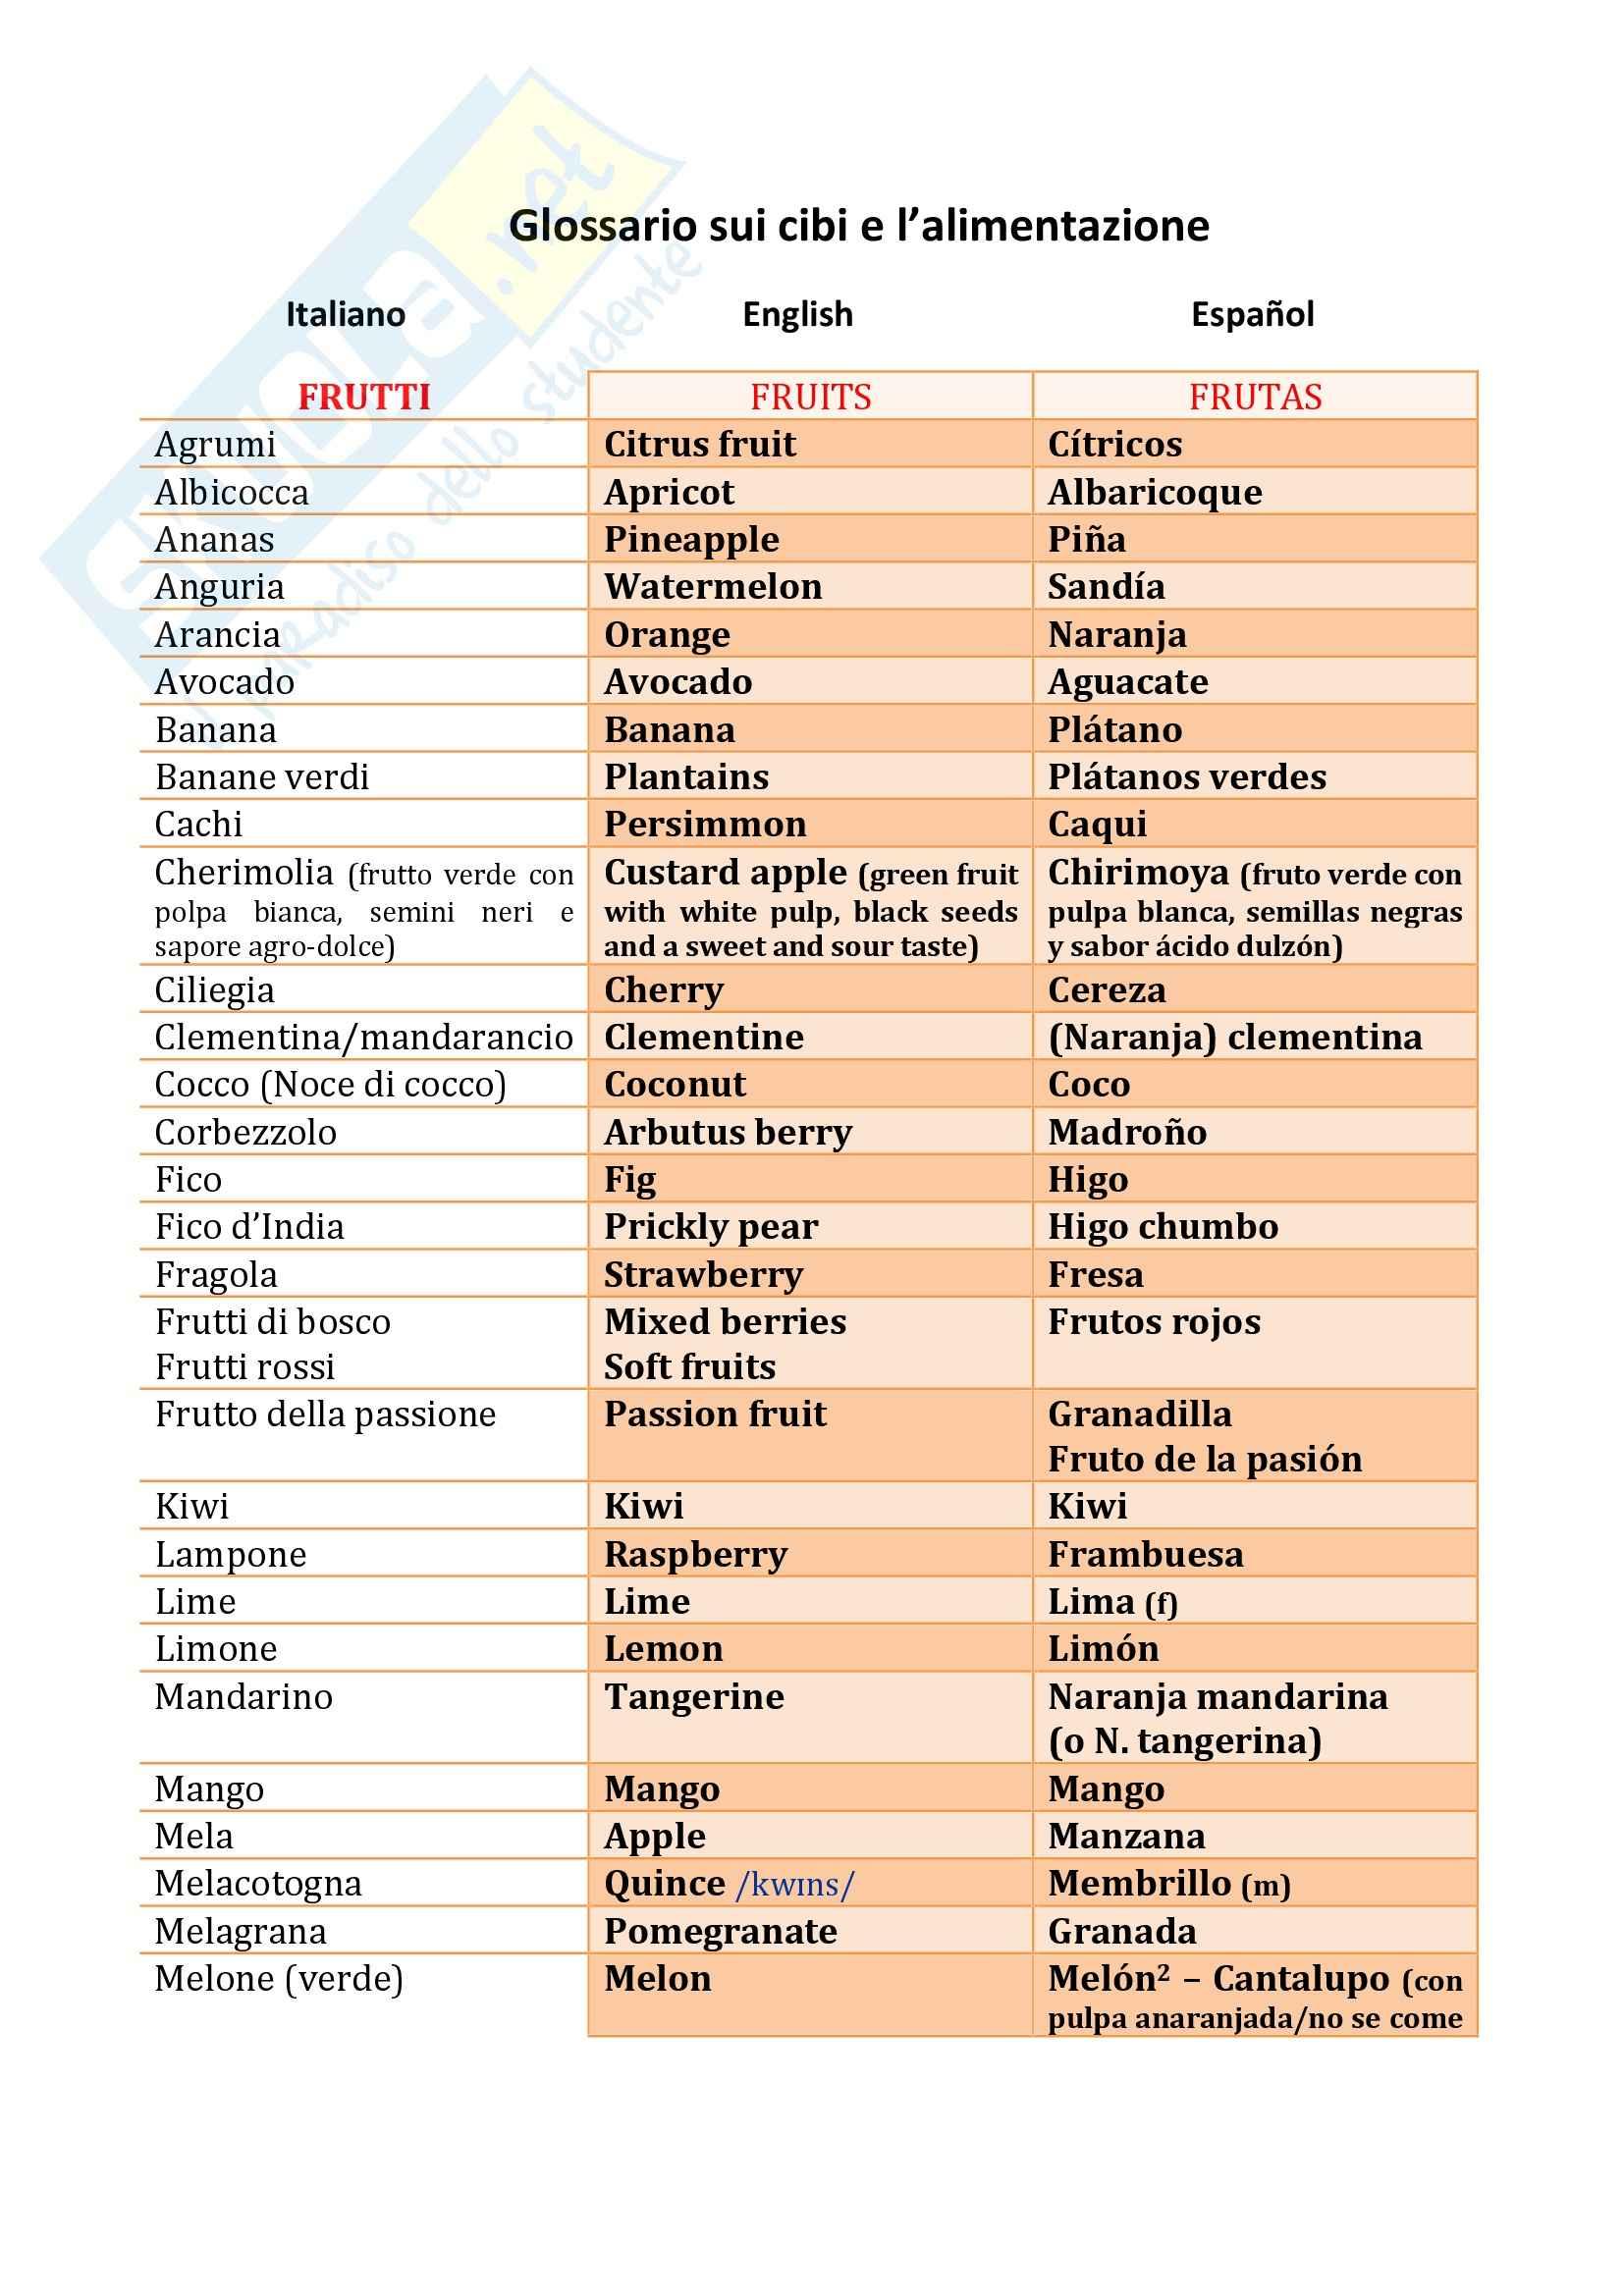 Glossario IT-EN-ES sul cibo e gli alimenti, Mediazione